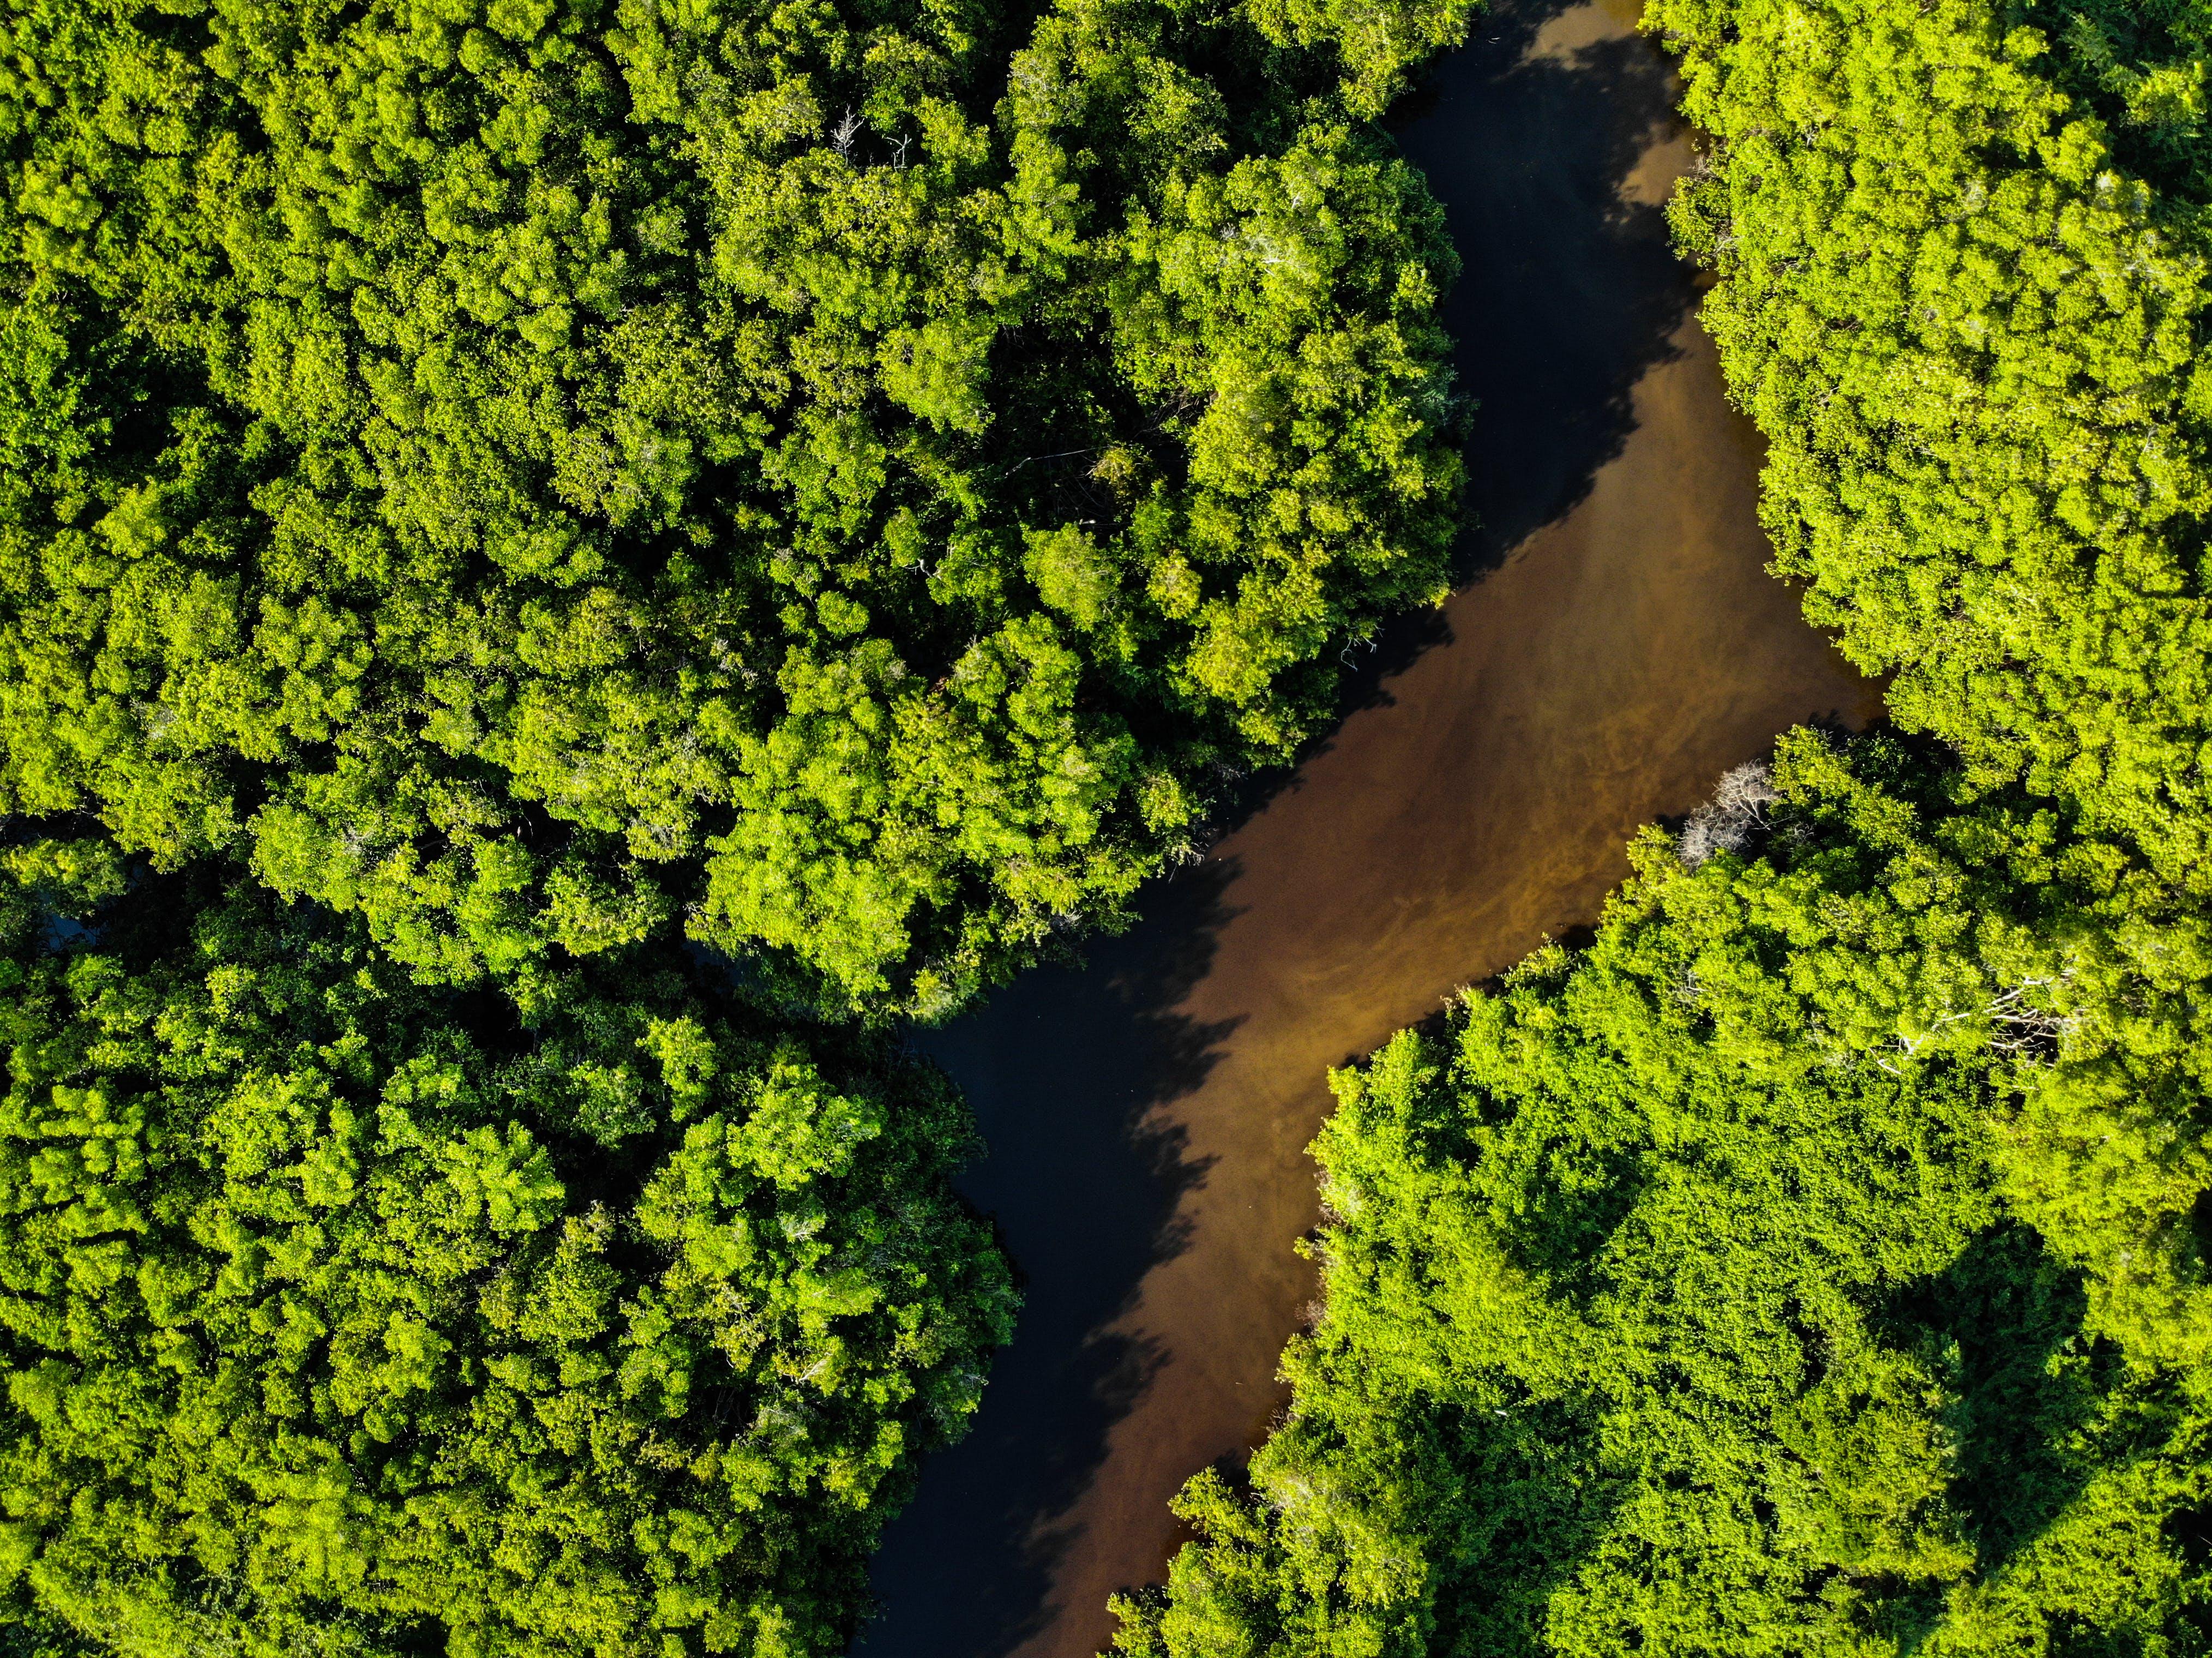 Immagine gratuita di alberi, boschi, brasile, da sopra